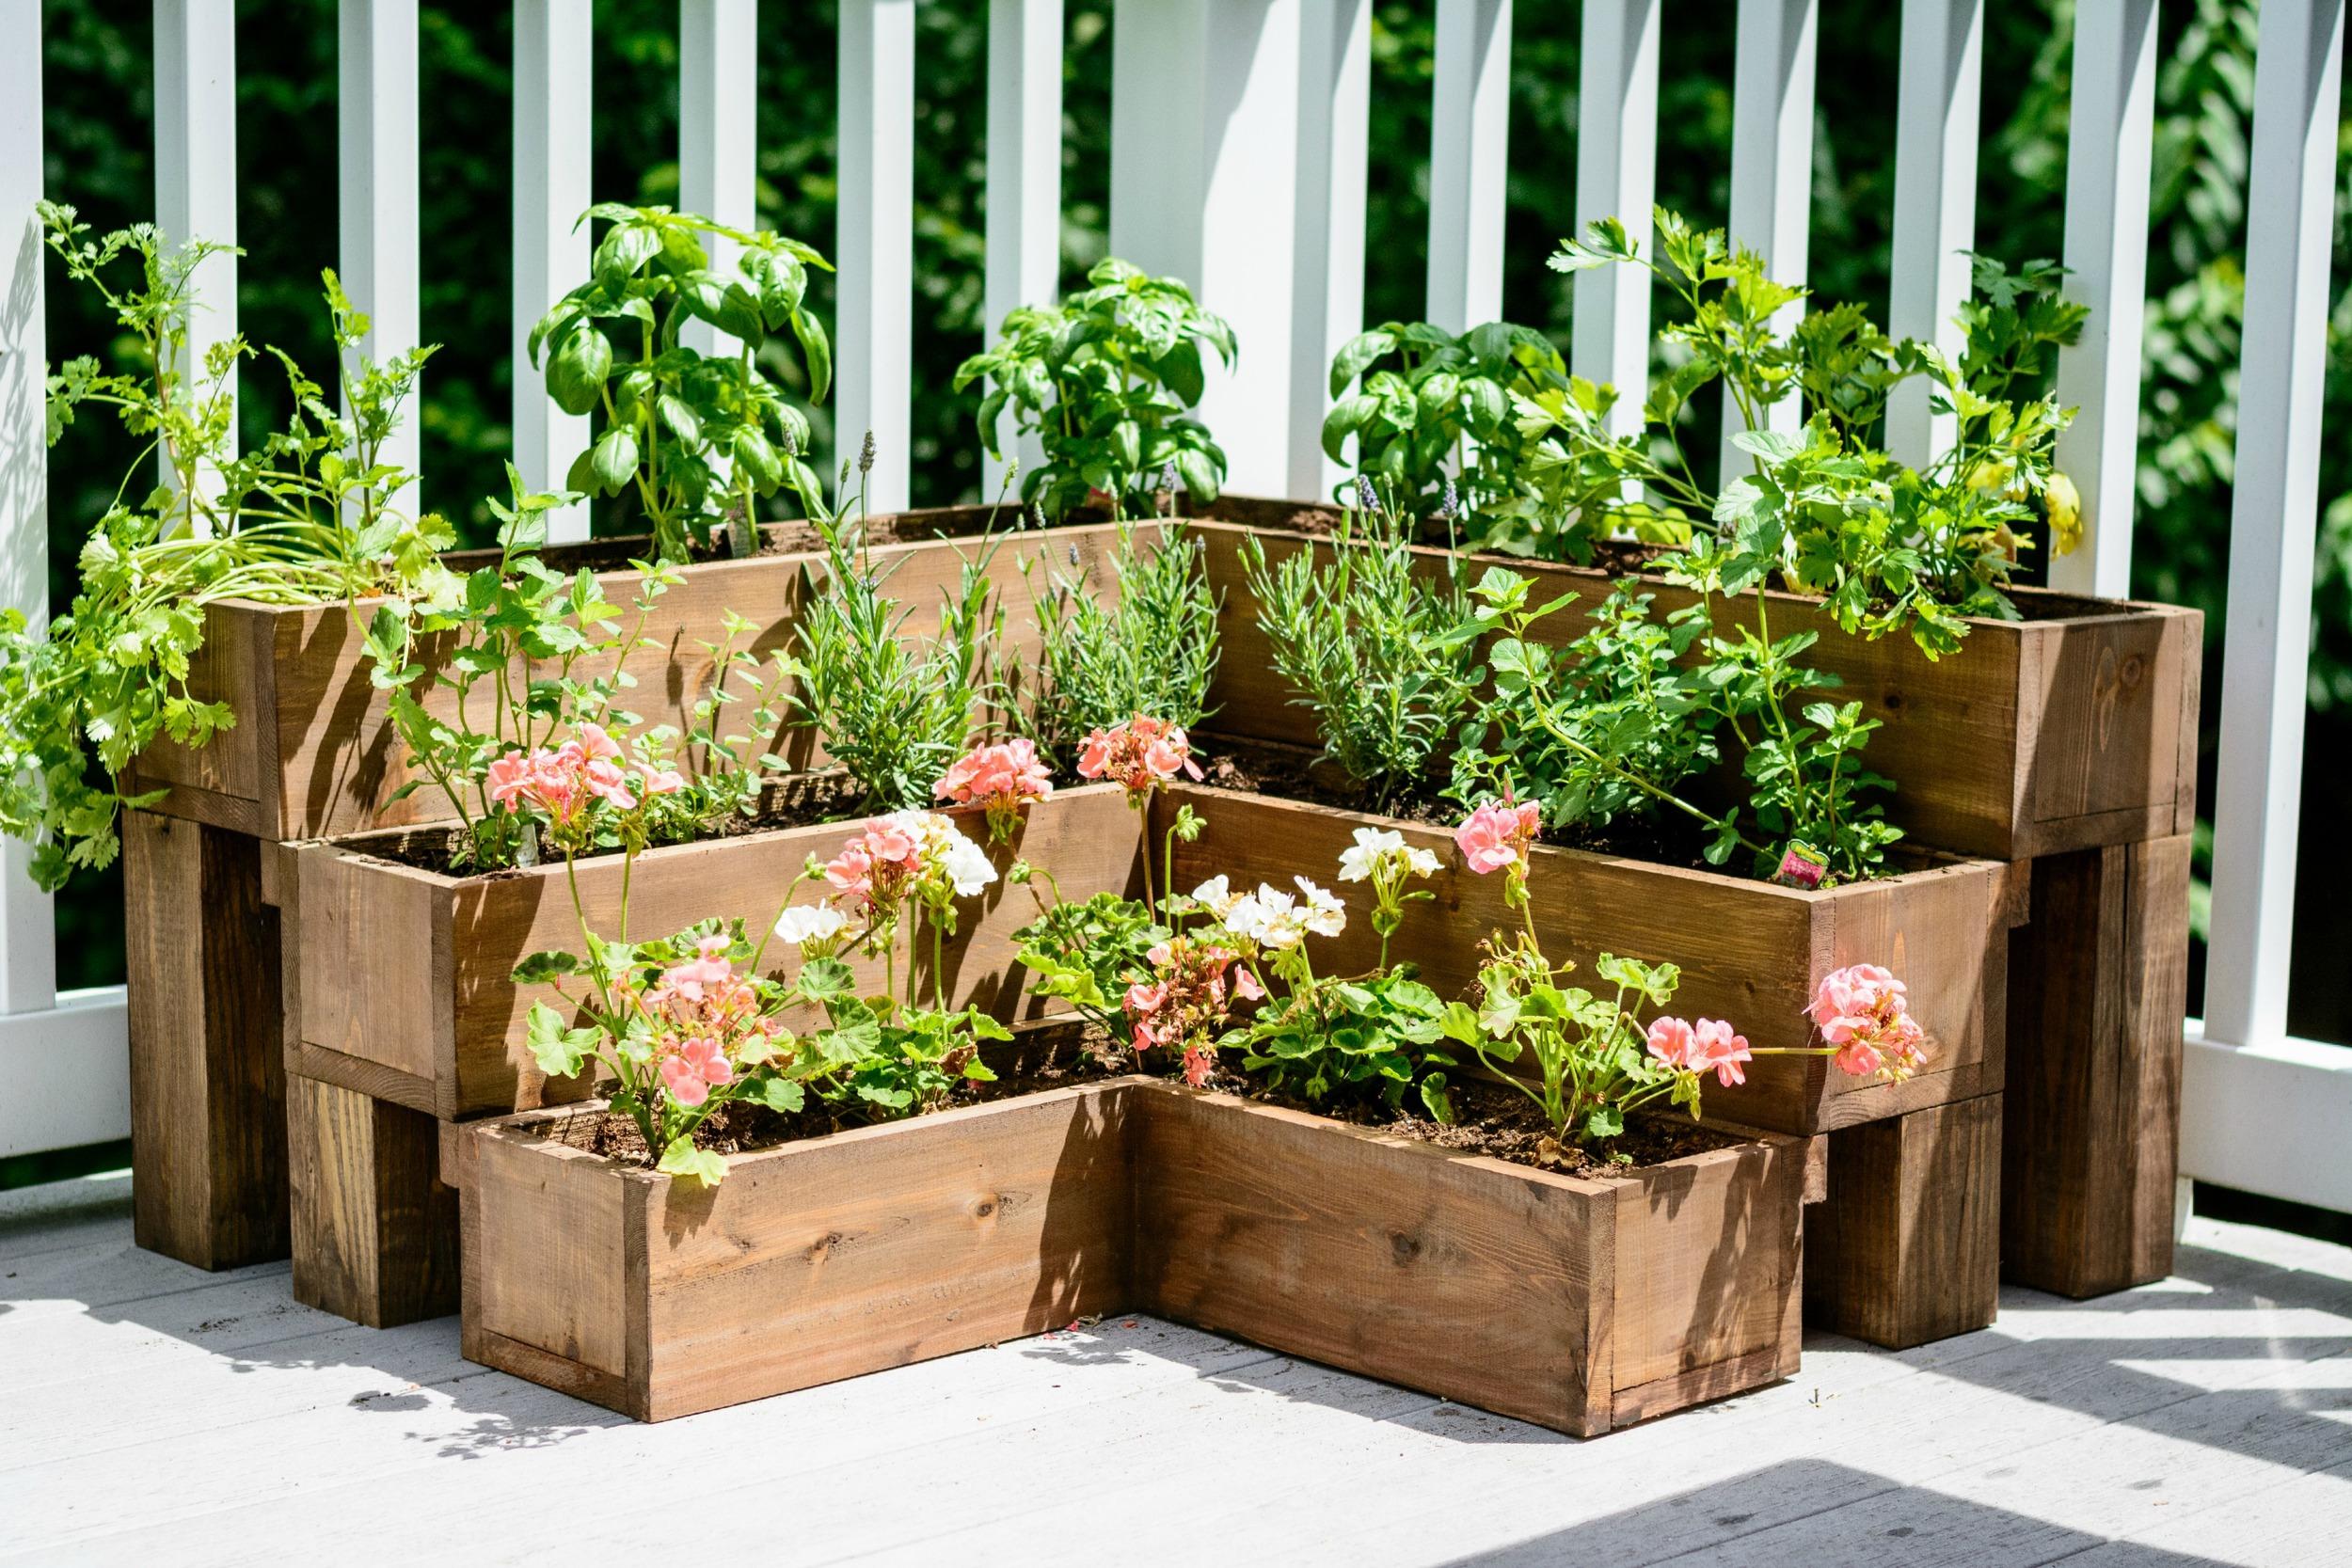 DIY Tiered Herb Garden.  Great raised herb garden for decks!